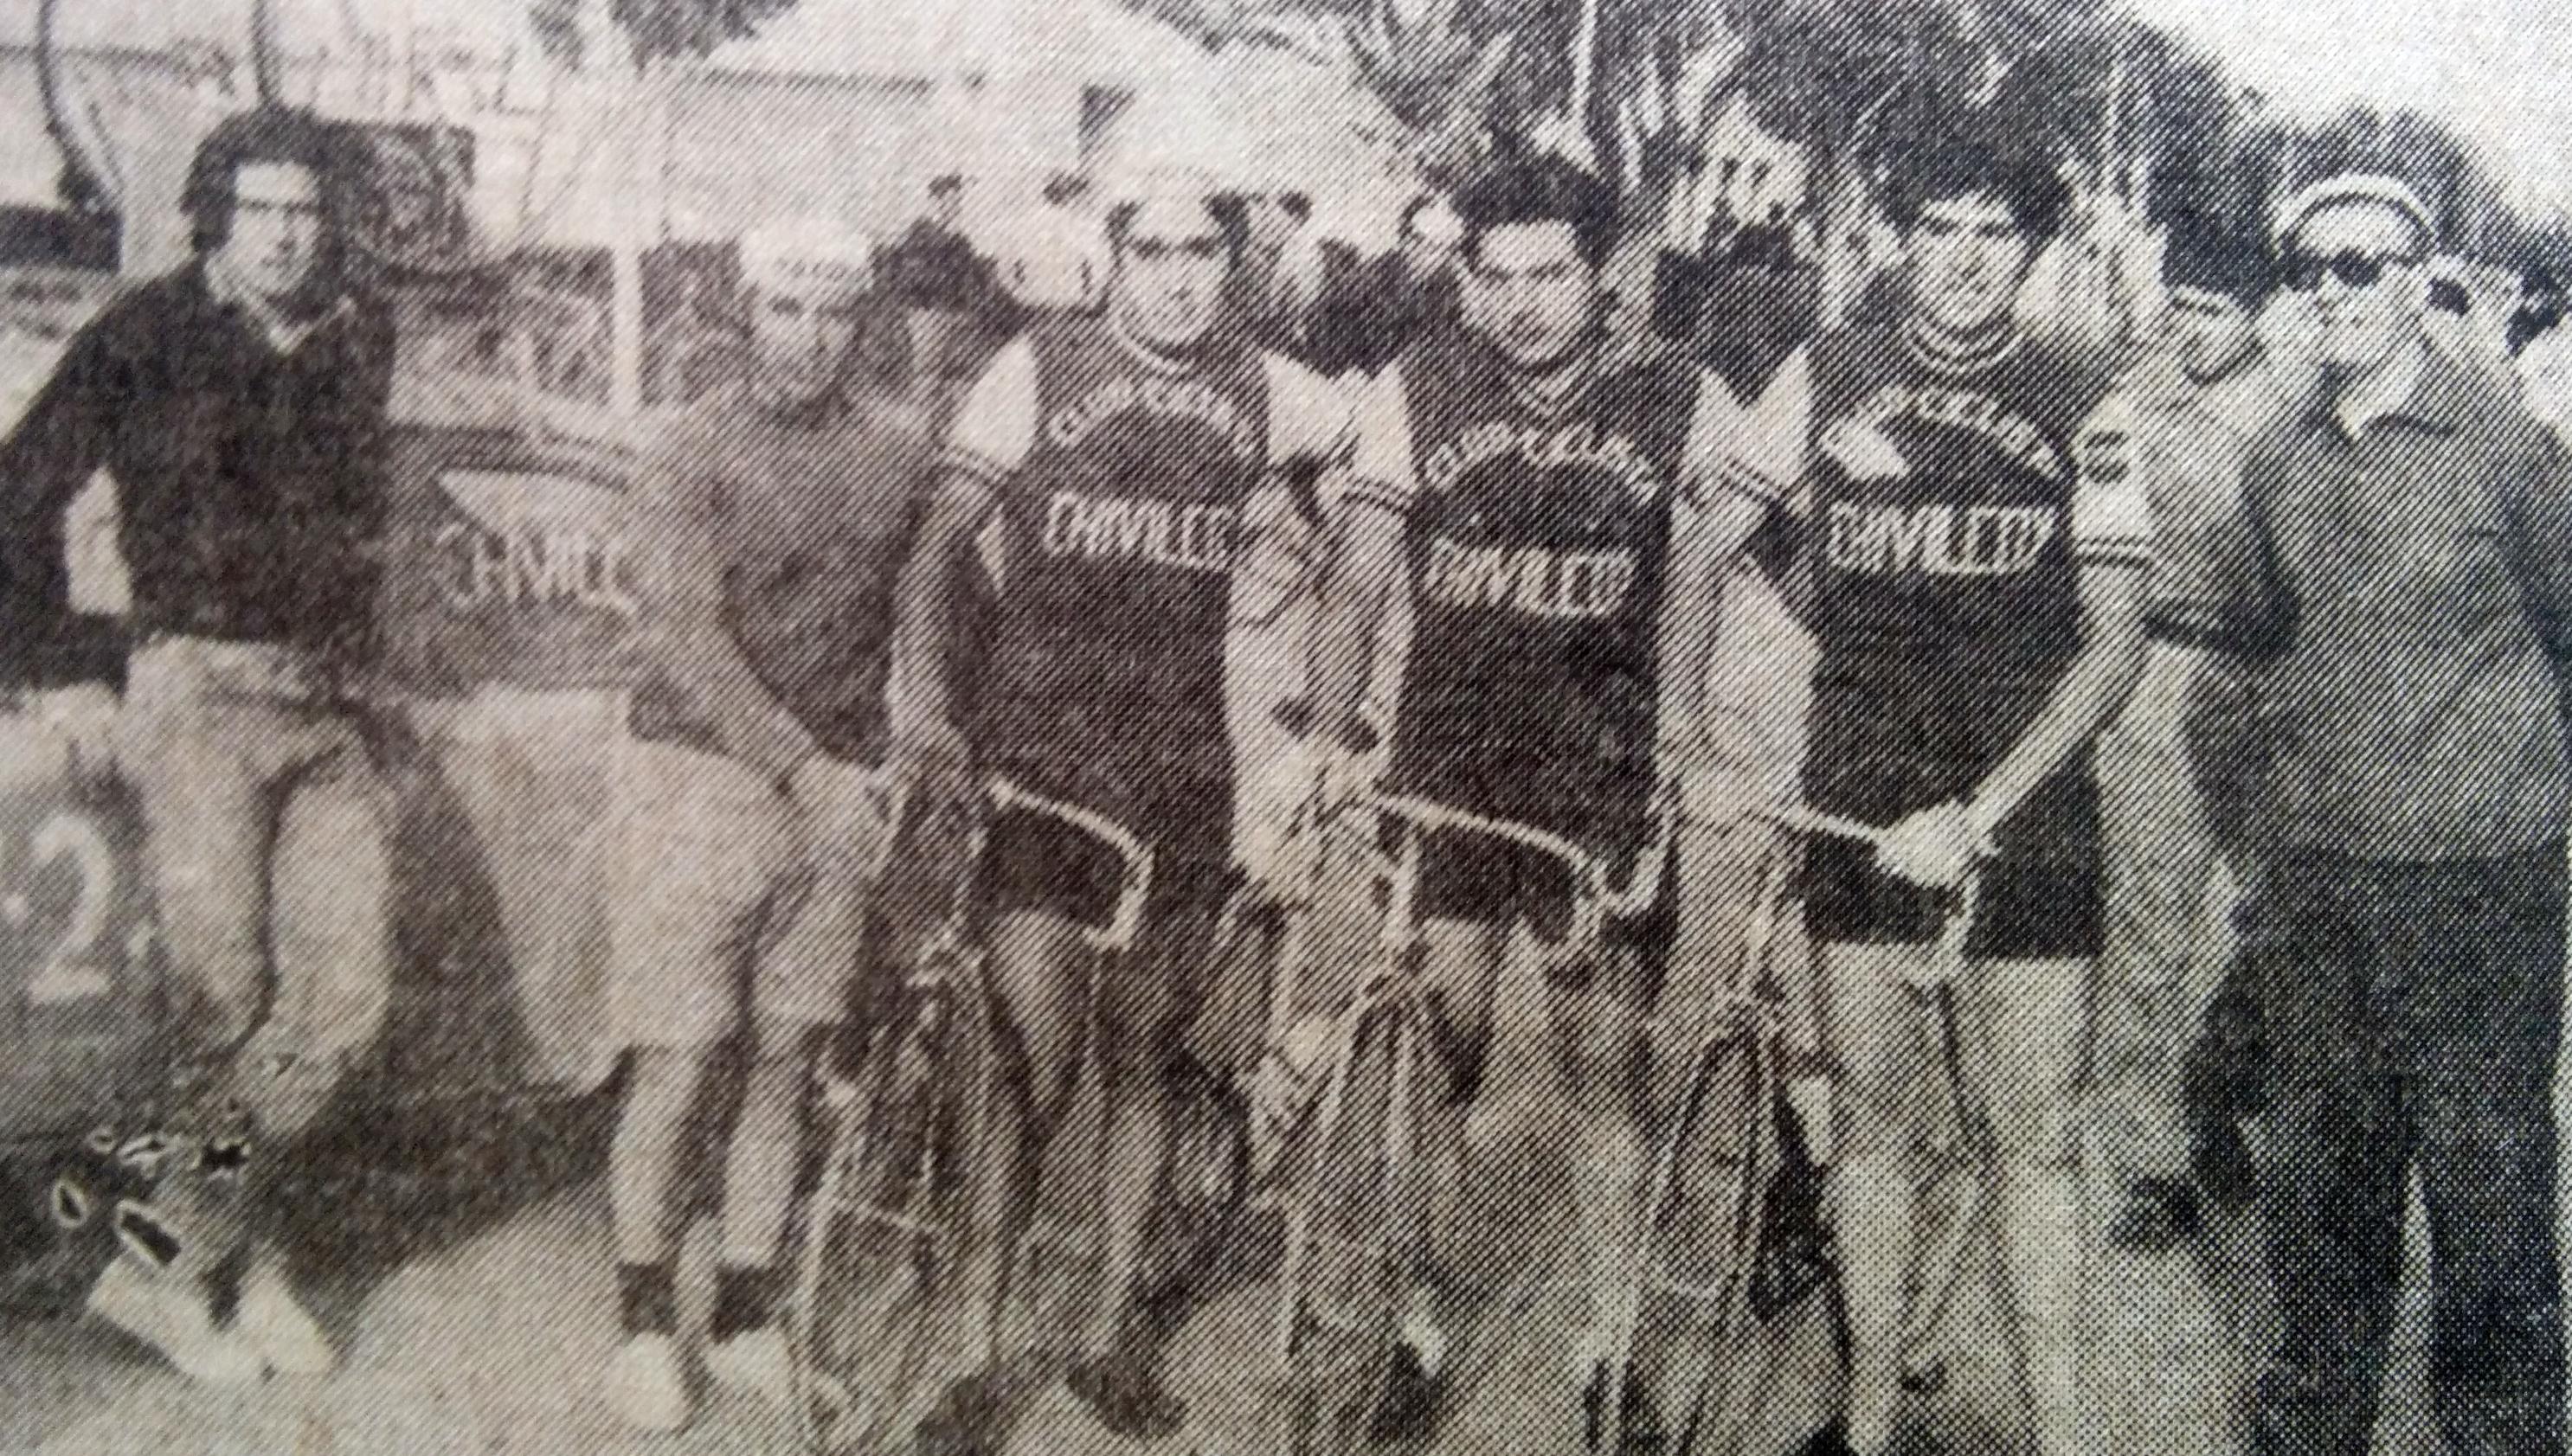 Delegación del Club Ciclista Chivilcoy, en Allen (Provincia de Río Negro), en 1971.